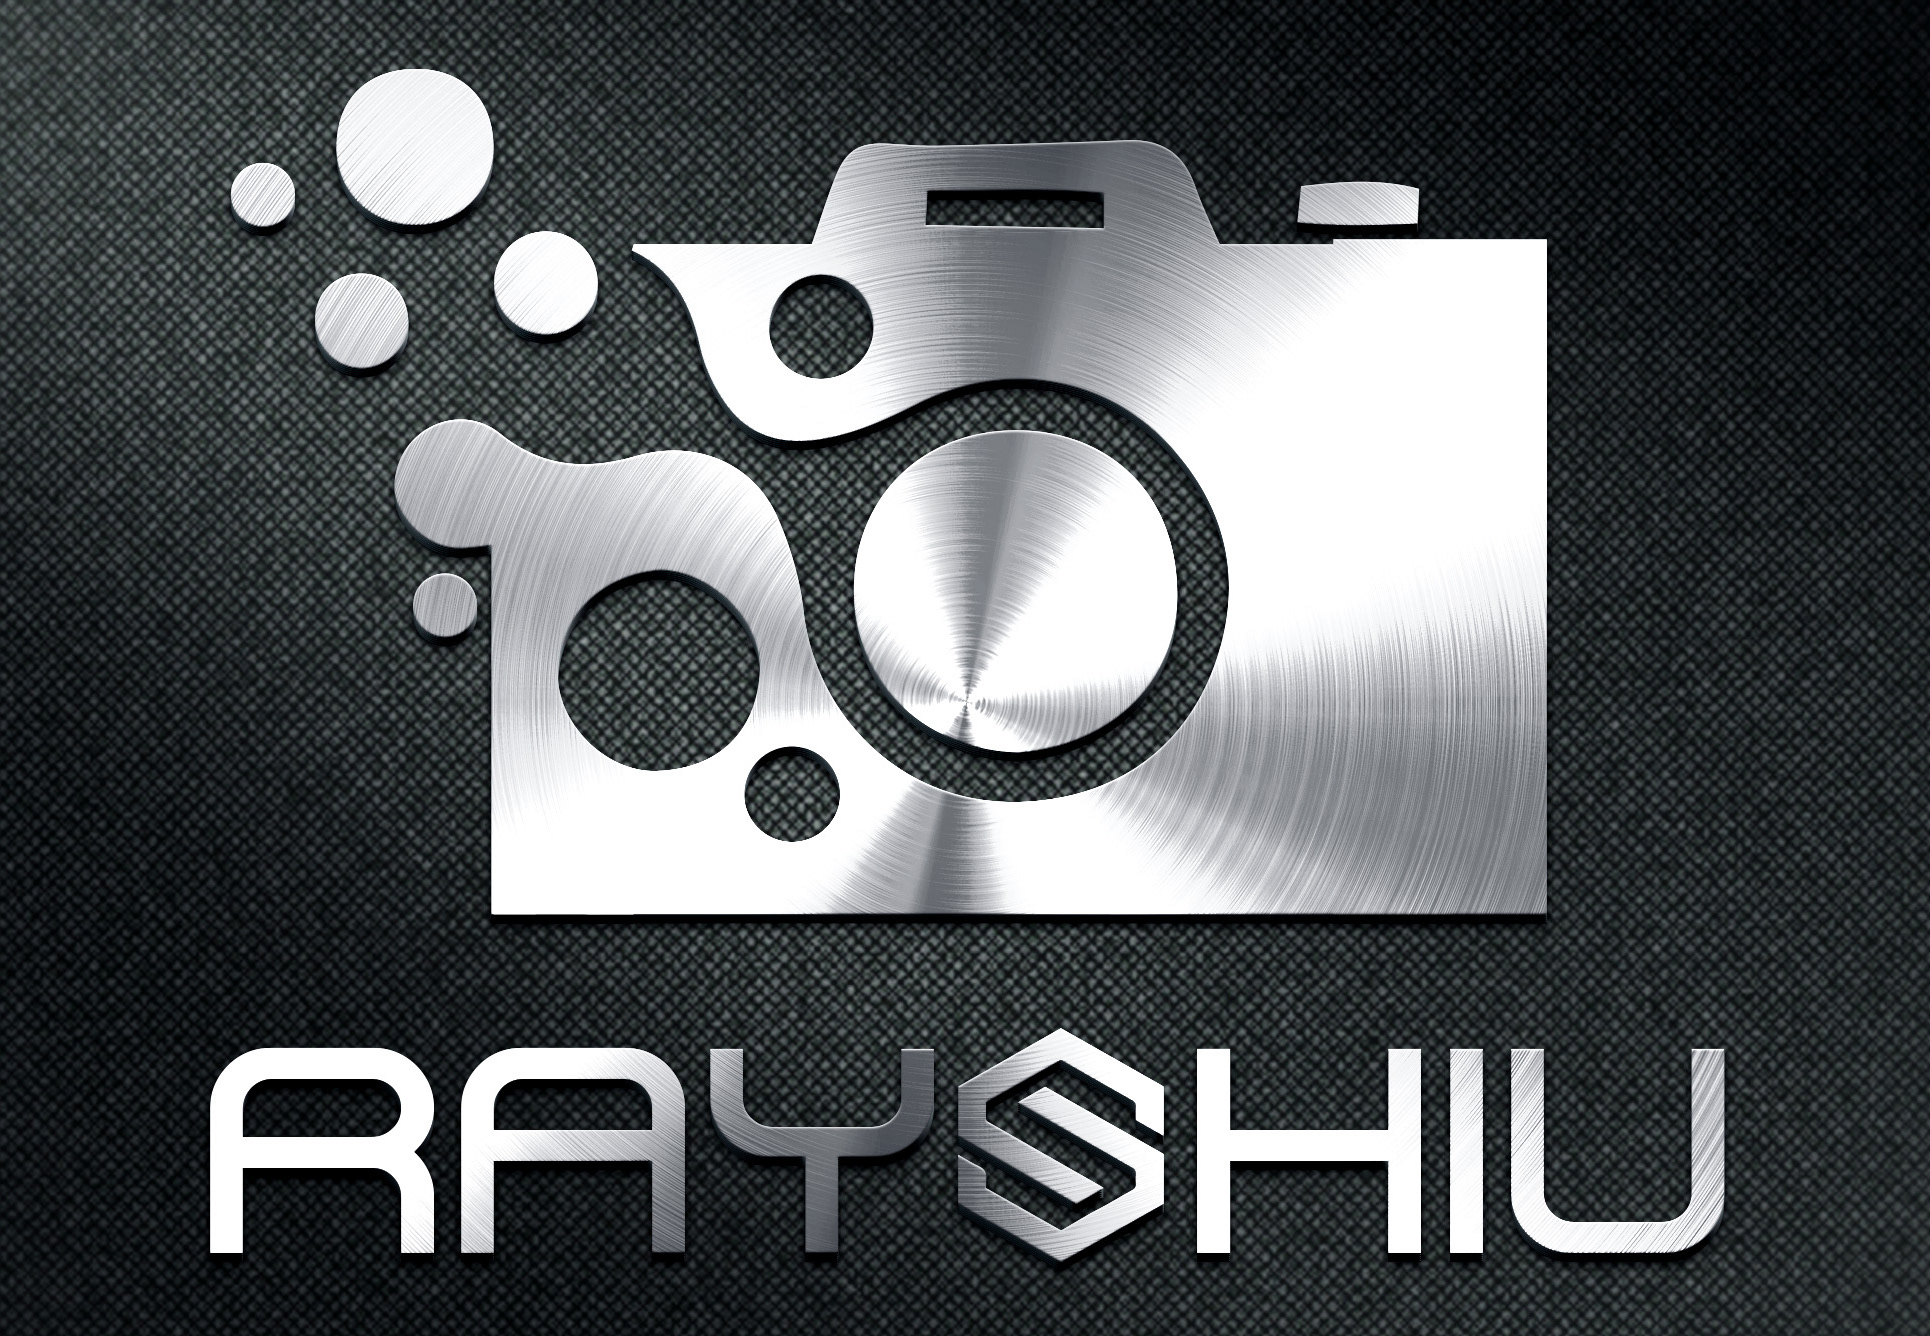 Ray Shiu